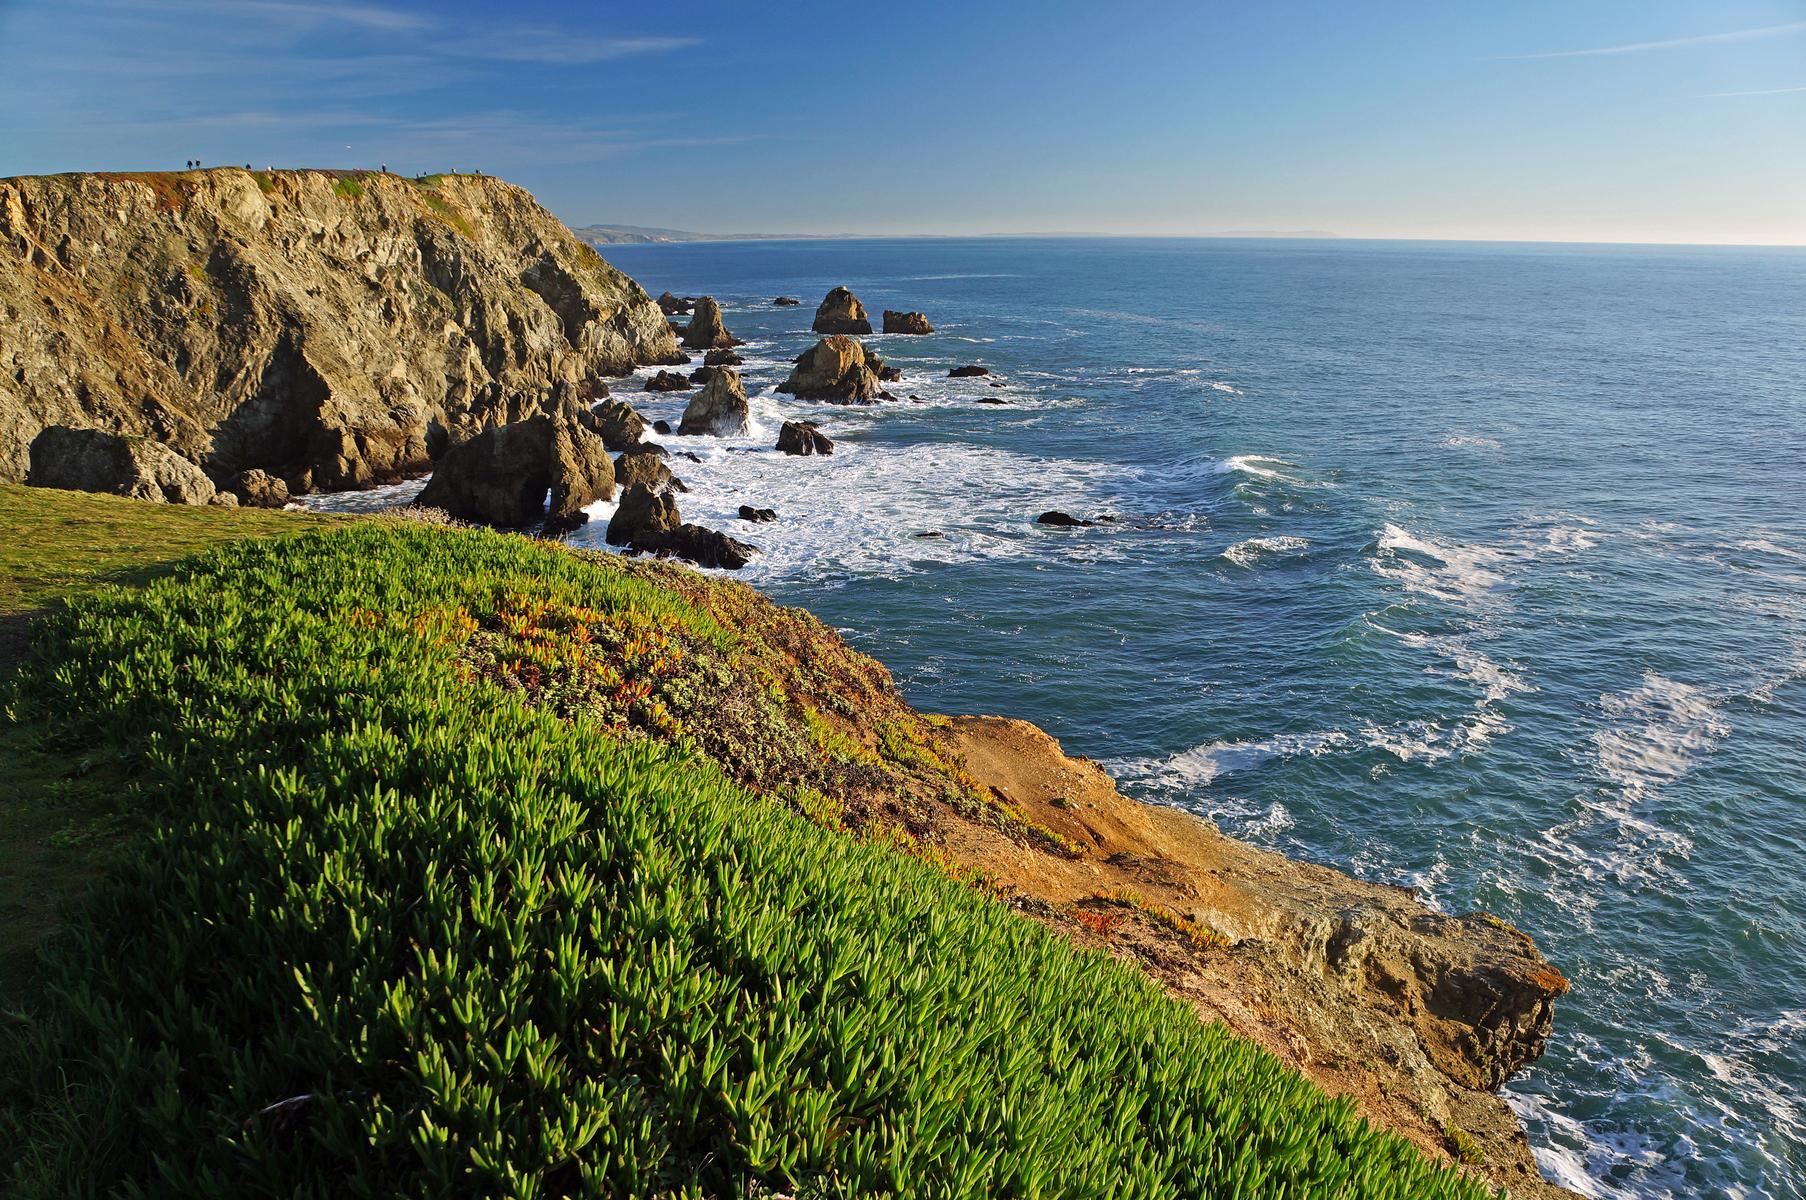 Bodega Bay, Sonoma County, California